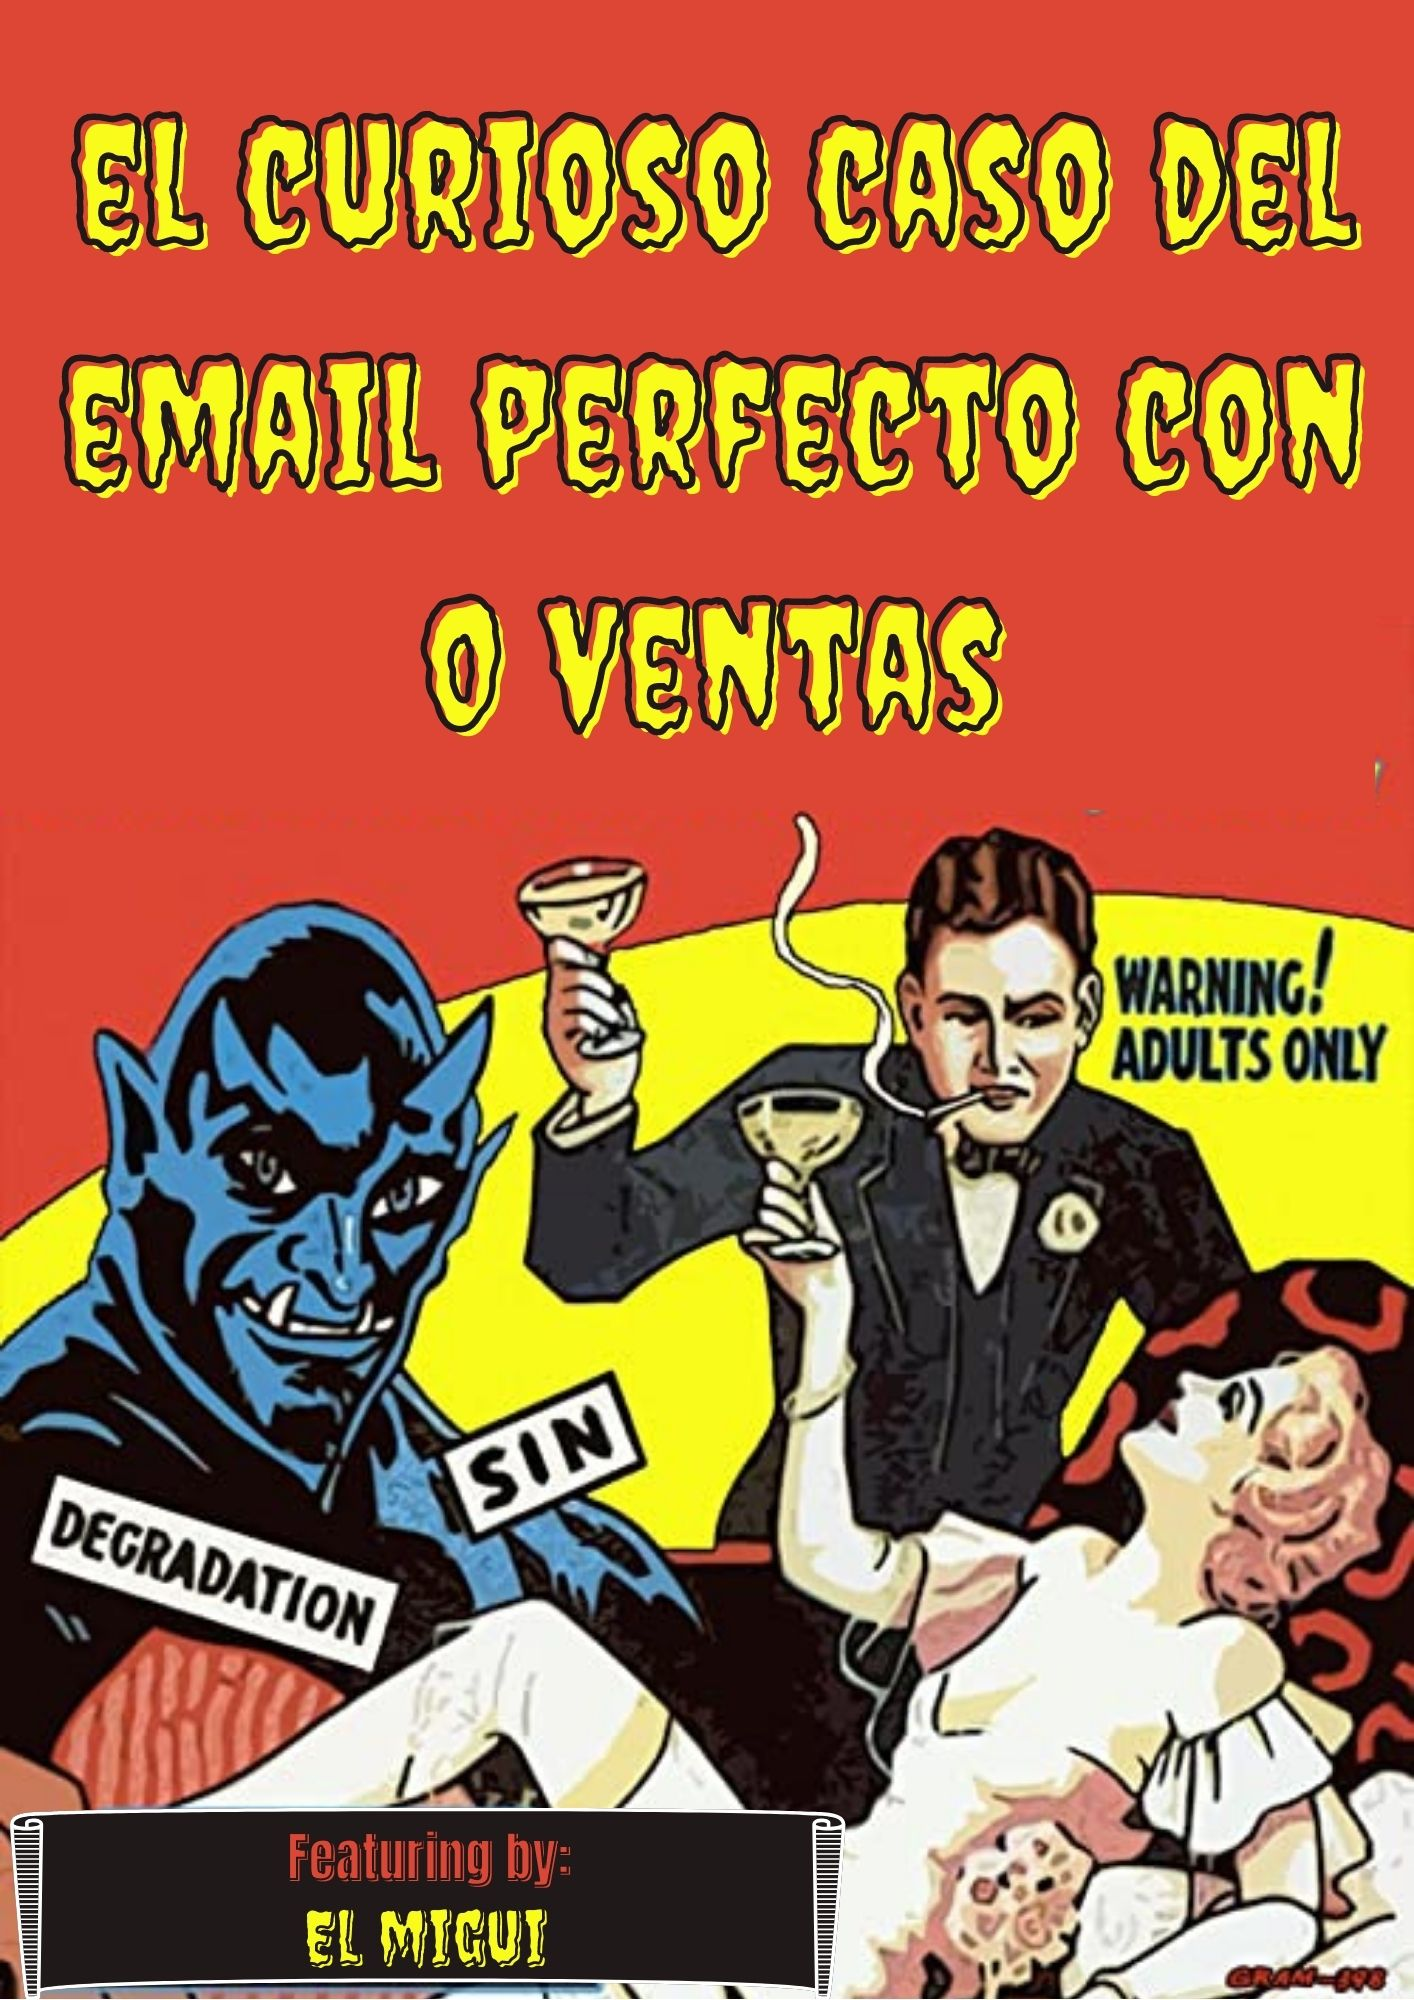 Miguel Vázquez copywriter El curioso caso del email perfecto